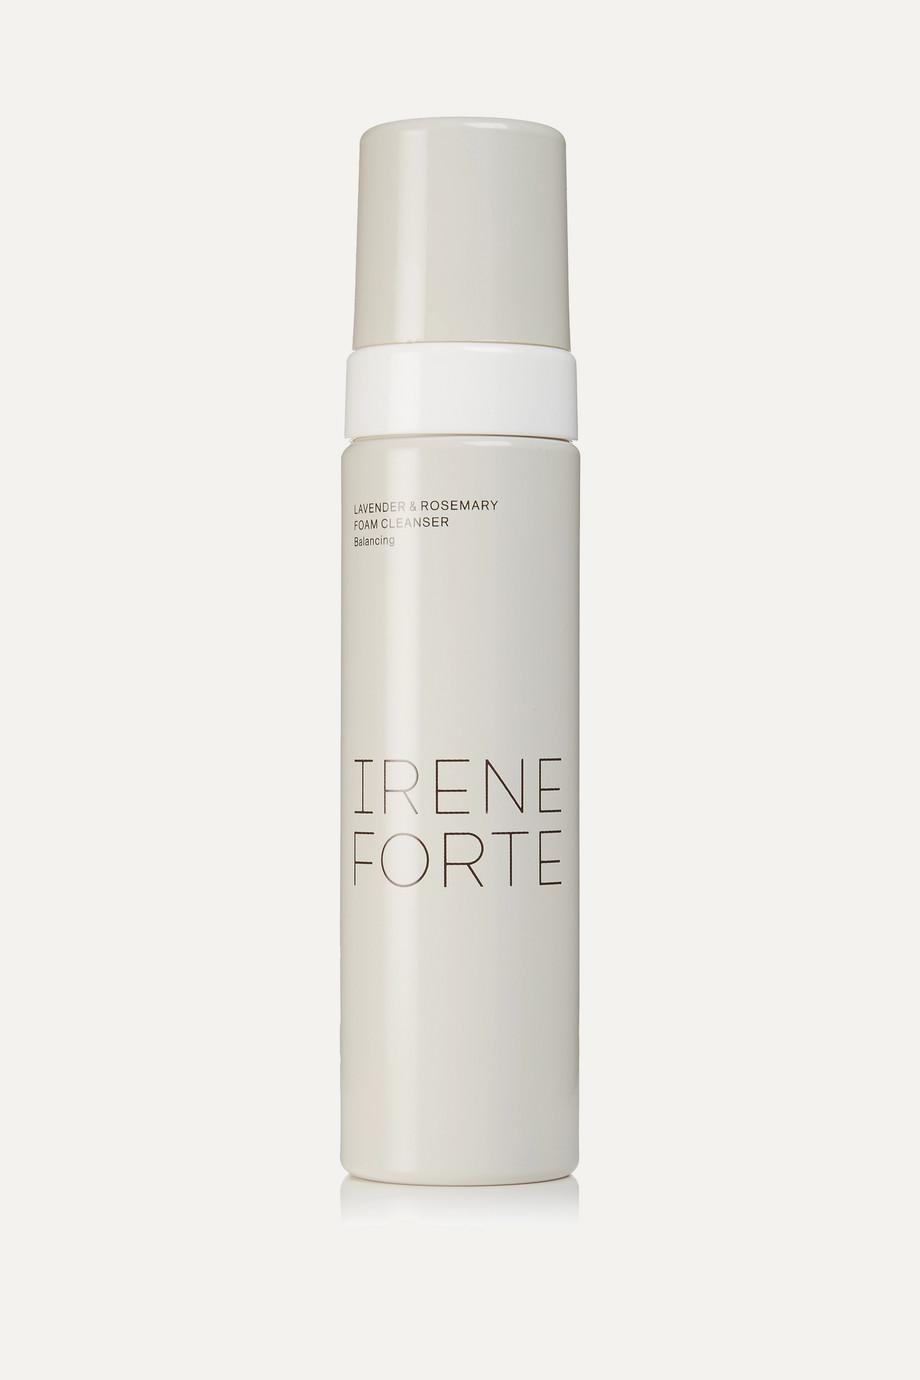 Irene Forte + NET SUSTAIN Balancing Lavender & Rosemary Foam Cleanser, 200ml